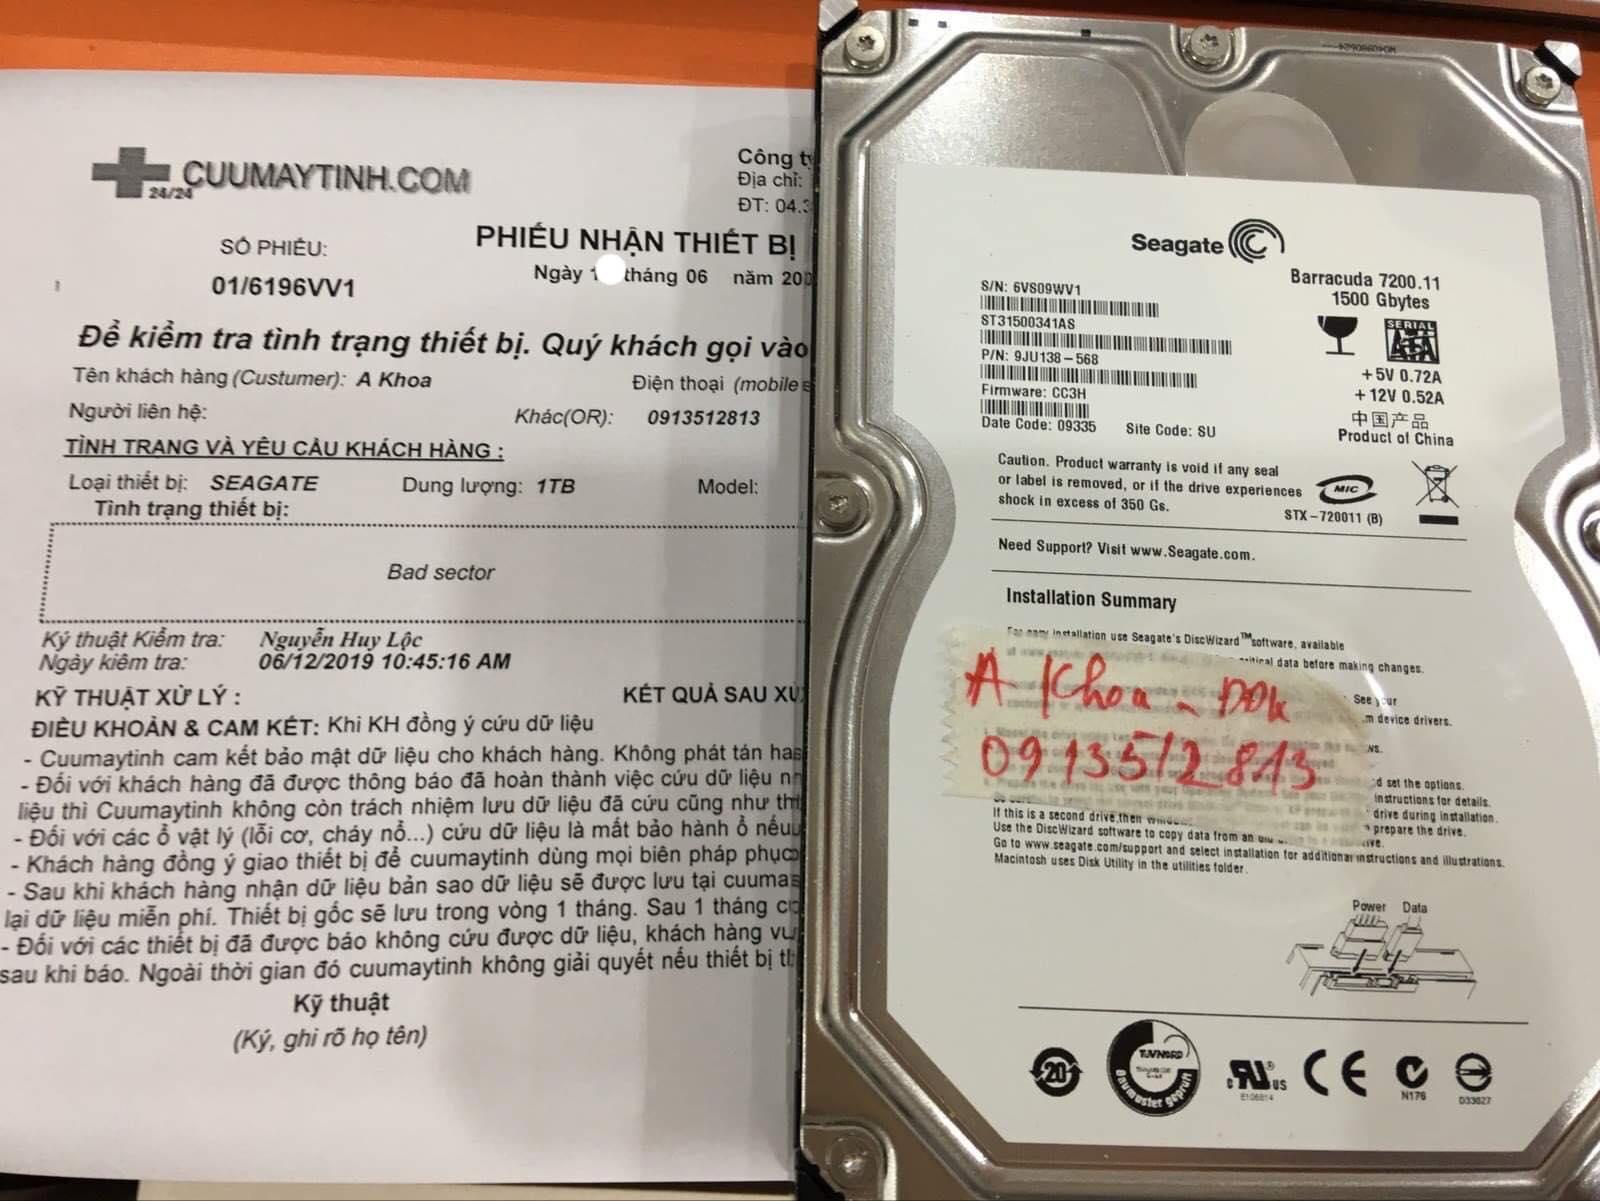 Lấy dữ liệu ổ cứng Seagate 1TB bad sector 28/06/2019 - cuumaytinh